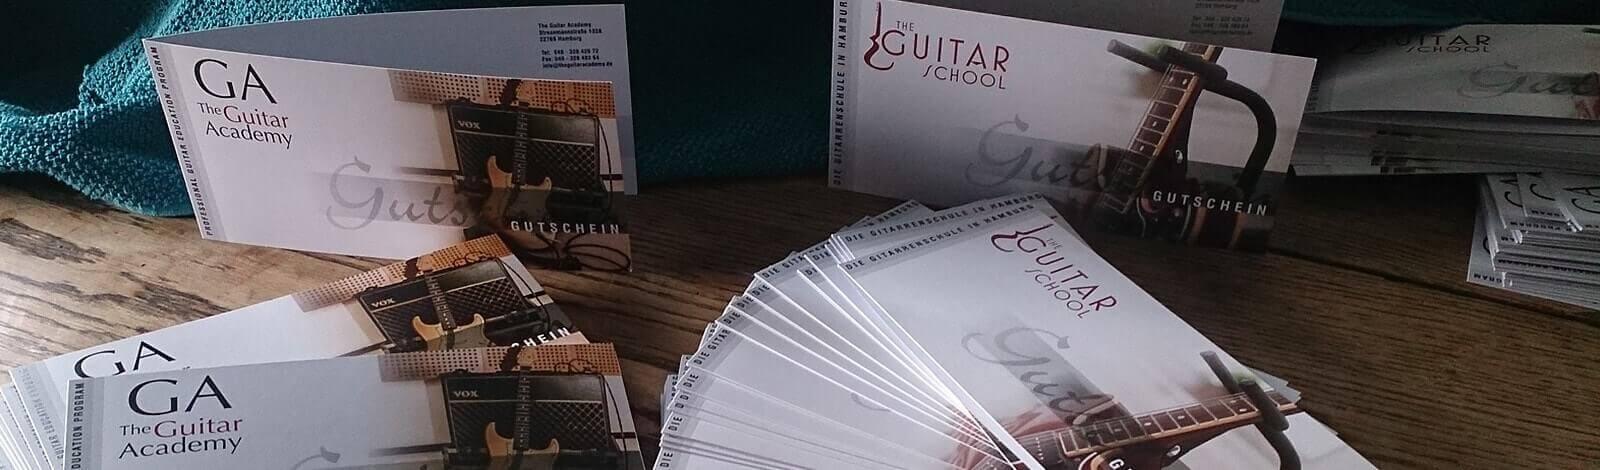 Gutscheine verschenken - The Guitar School